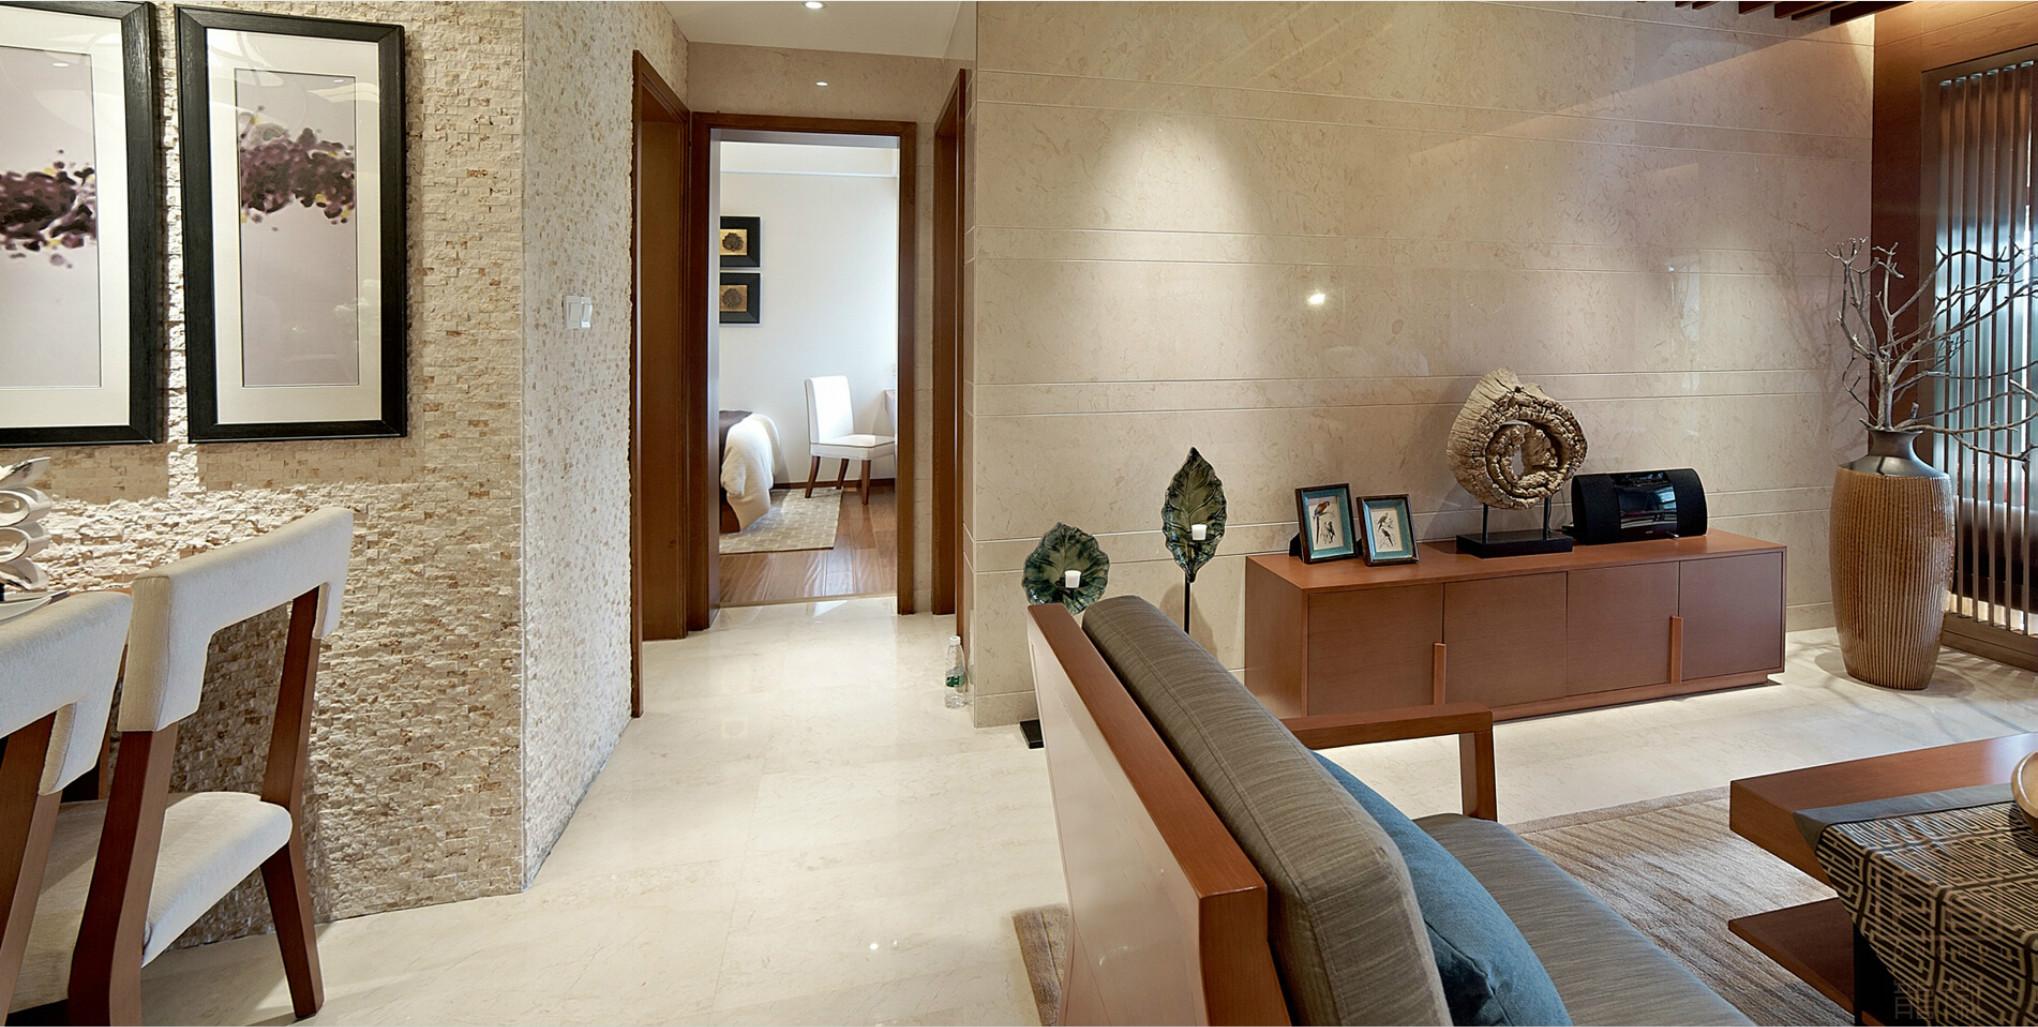 餐厅和客厅是开放式的,使整个空间更紧凑不显拥挤而且很整洁